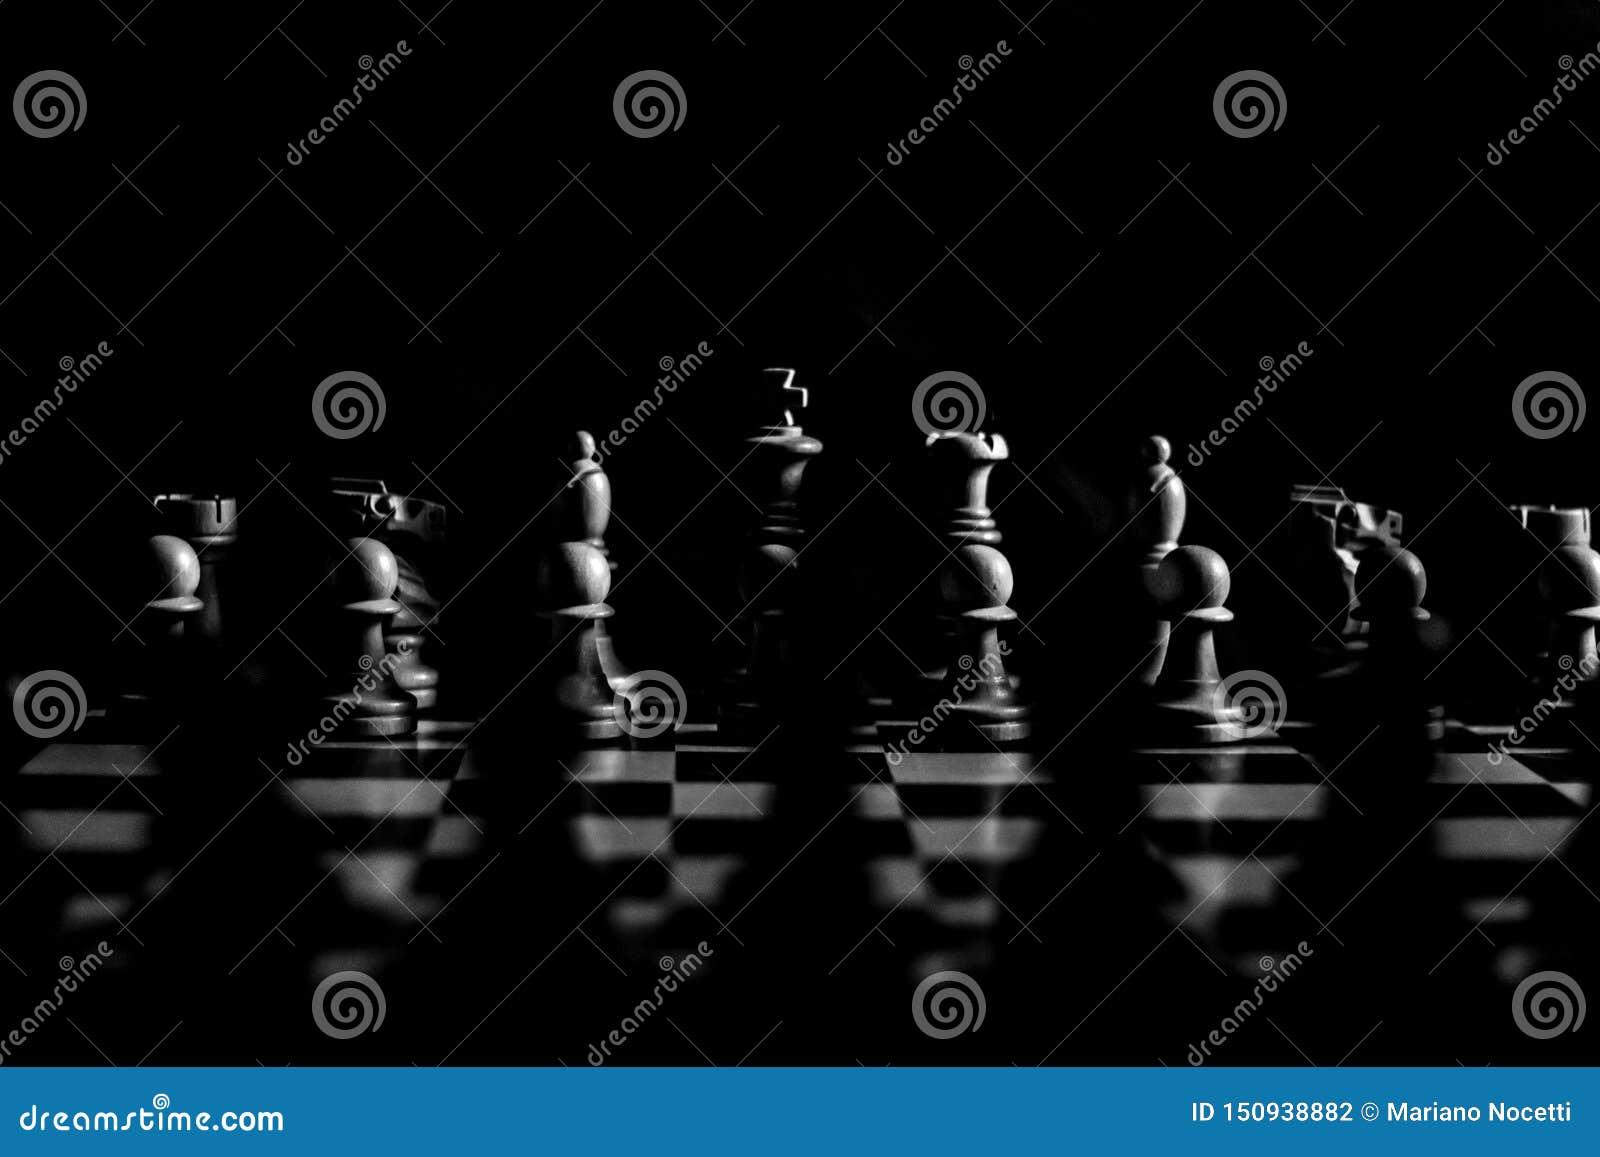 Avant bataille d échecs en noir et blanc dramatique